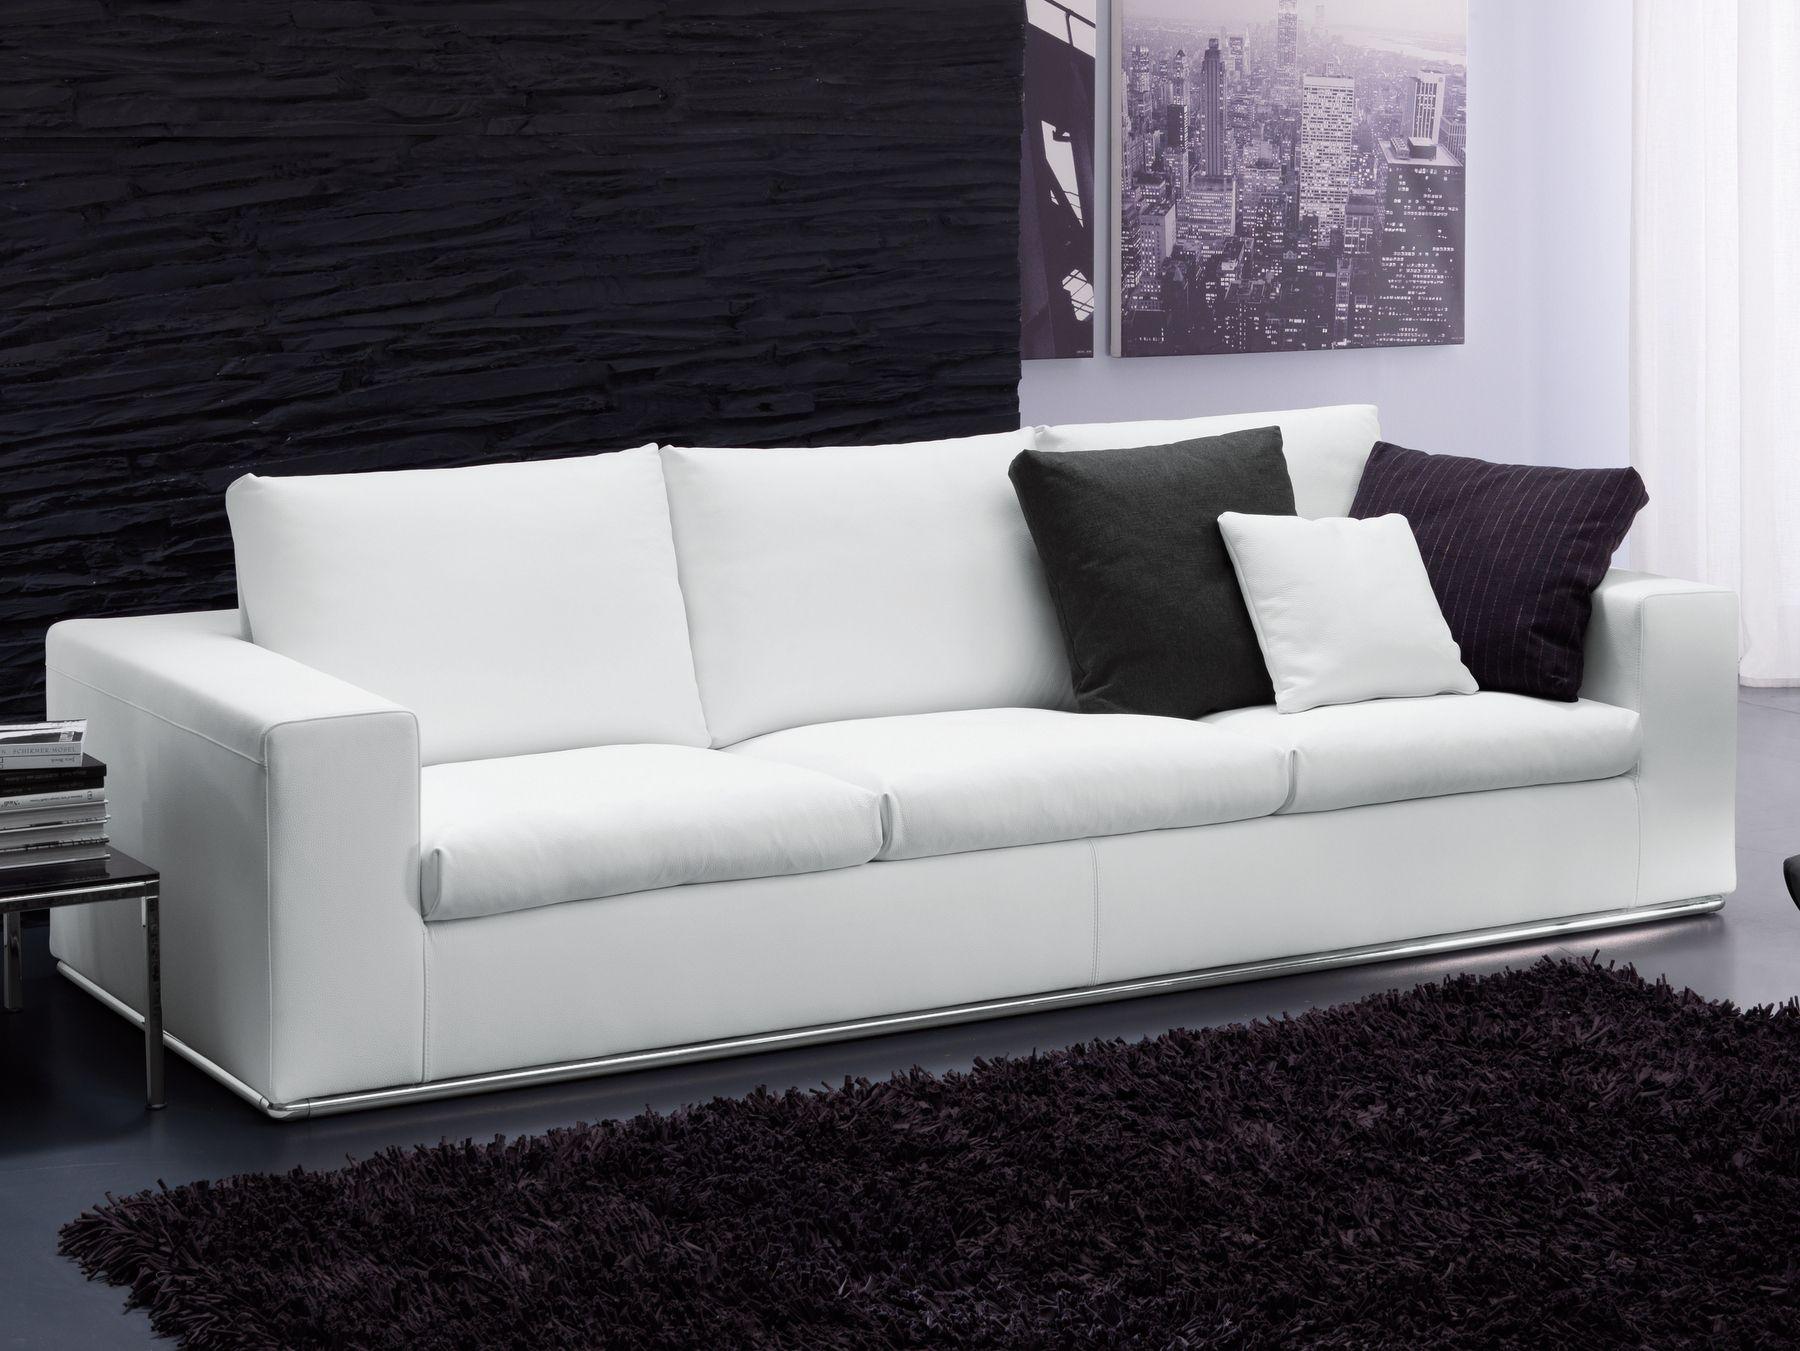 Lazar divano a 3 posti by bontempi casa design carlo bimbi for Casa del divano